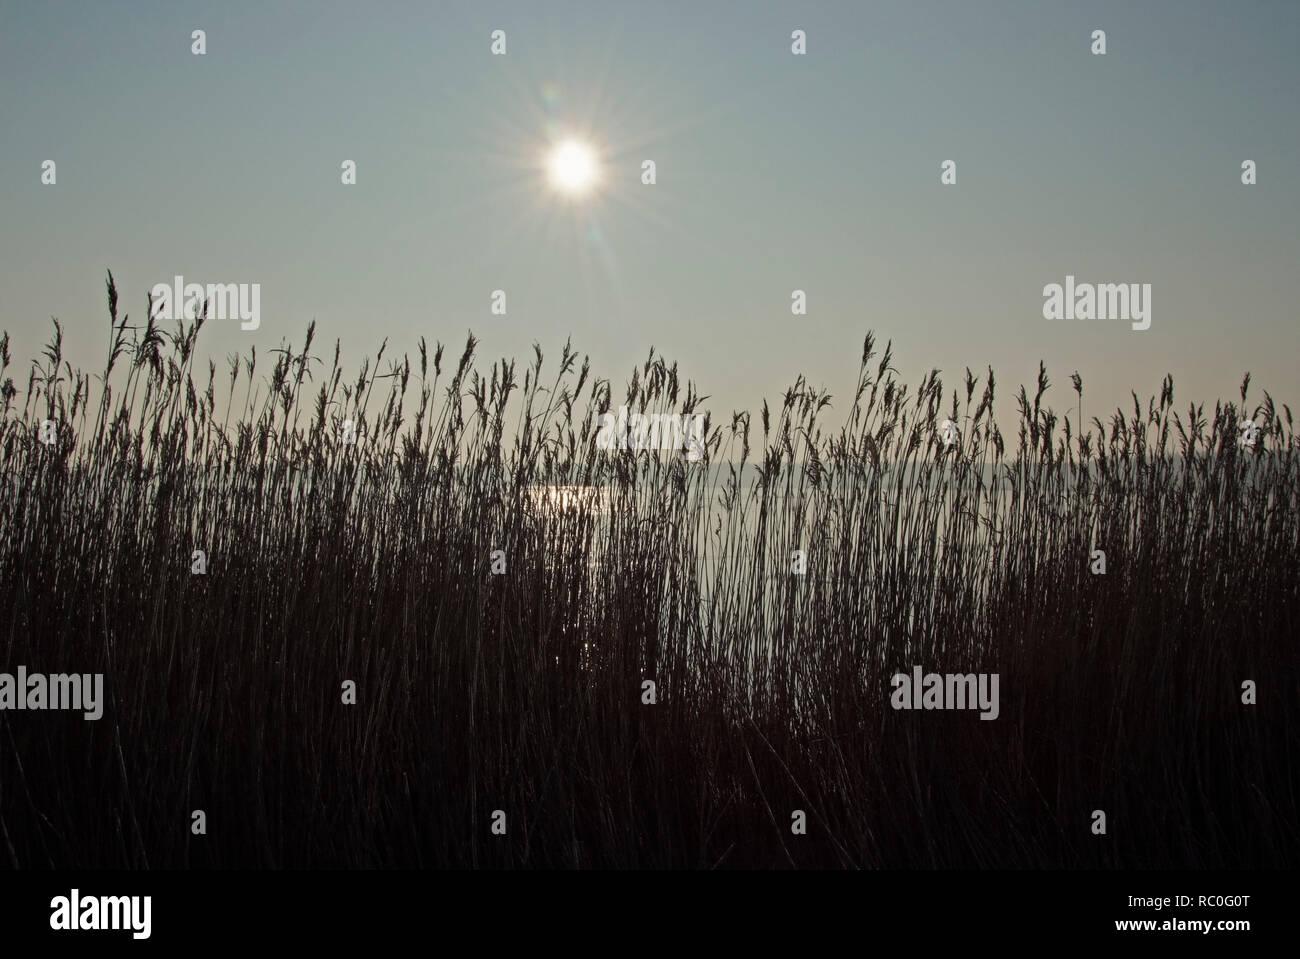 Winterstimmung am Bodden, Born, Darss, Fischland-Darss-Zingst, Mecklenburg-Vorpommern, Deutschland, Europa | winter at the salt marsh side, Darss, Fis - Stock Image